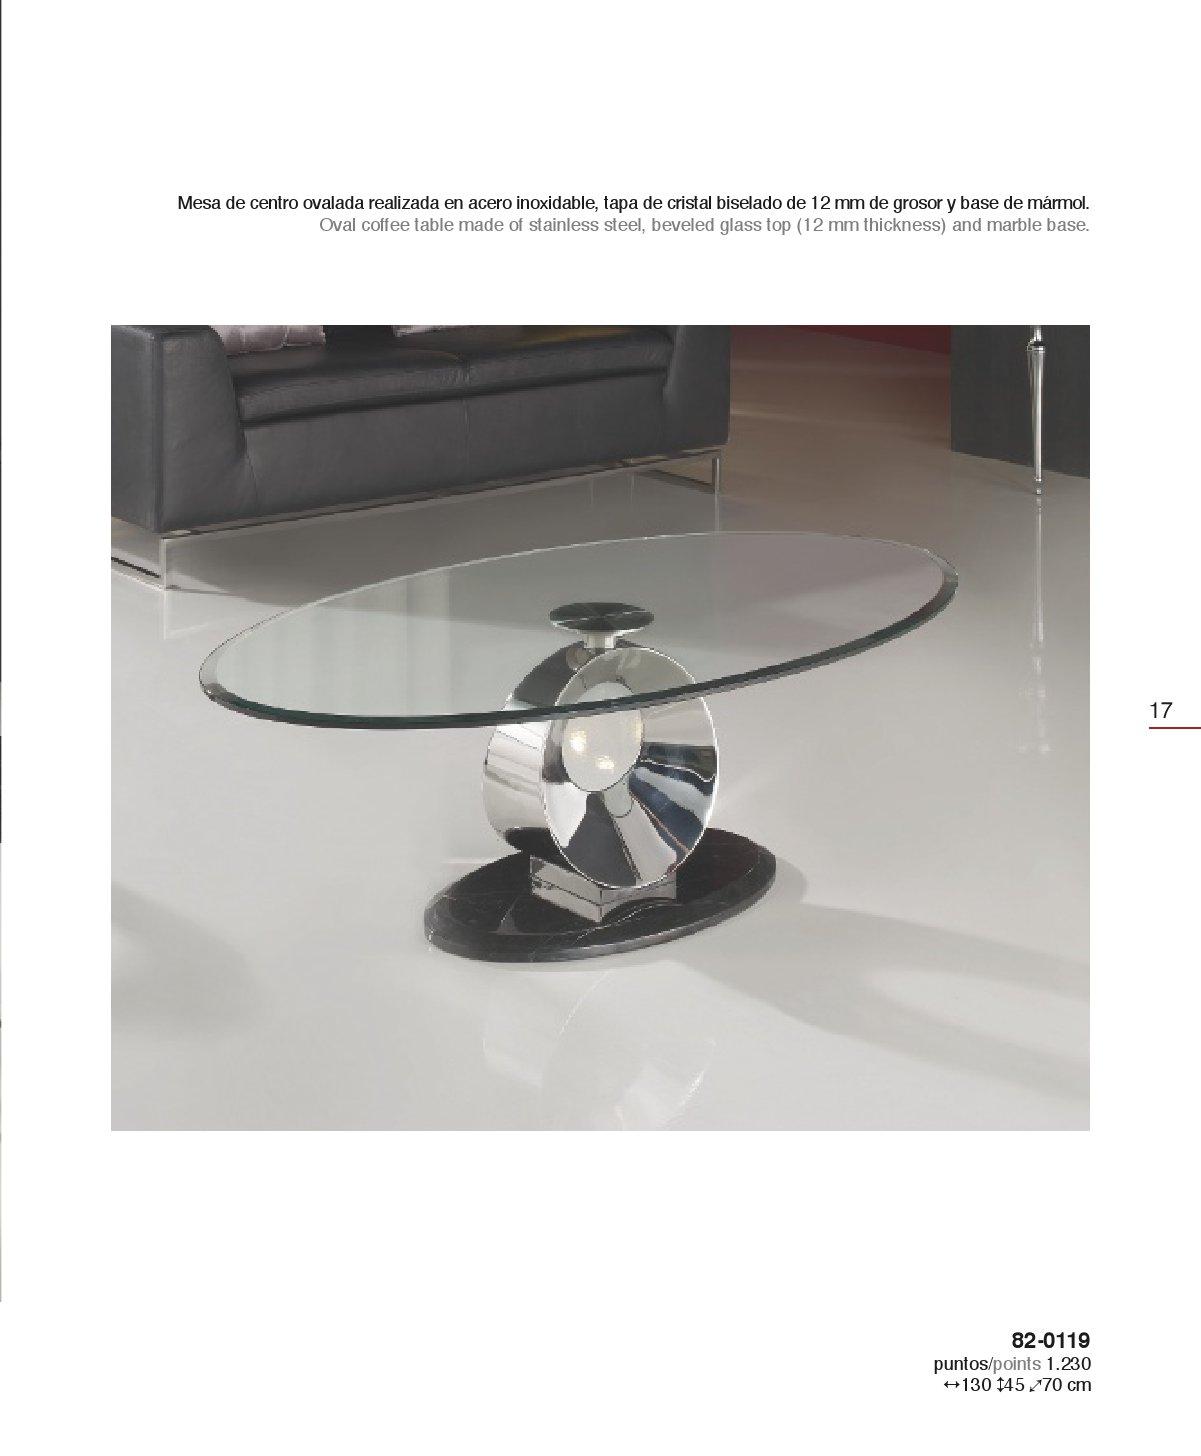 Schuller luna mesa centro oval 820119 - Mesas de marmol y cristal ...